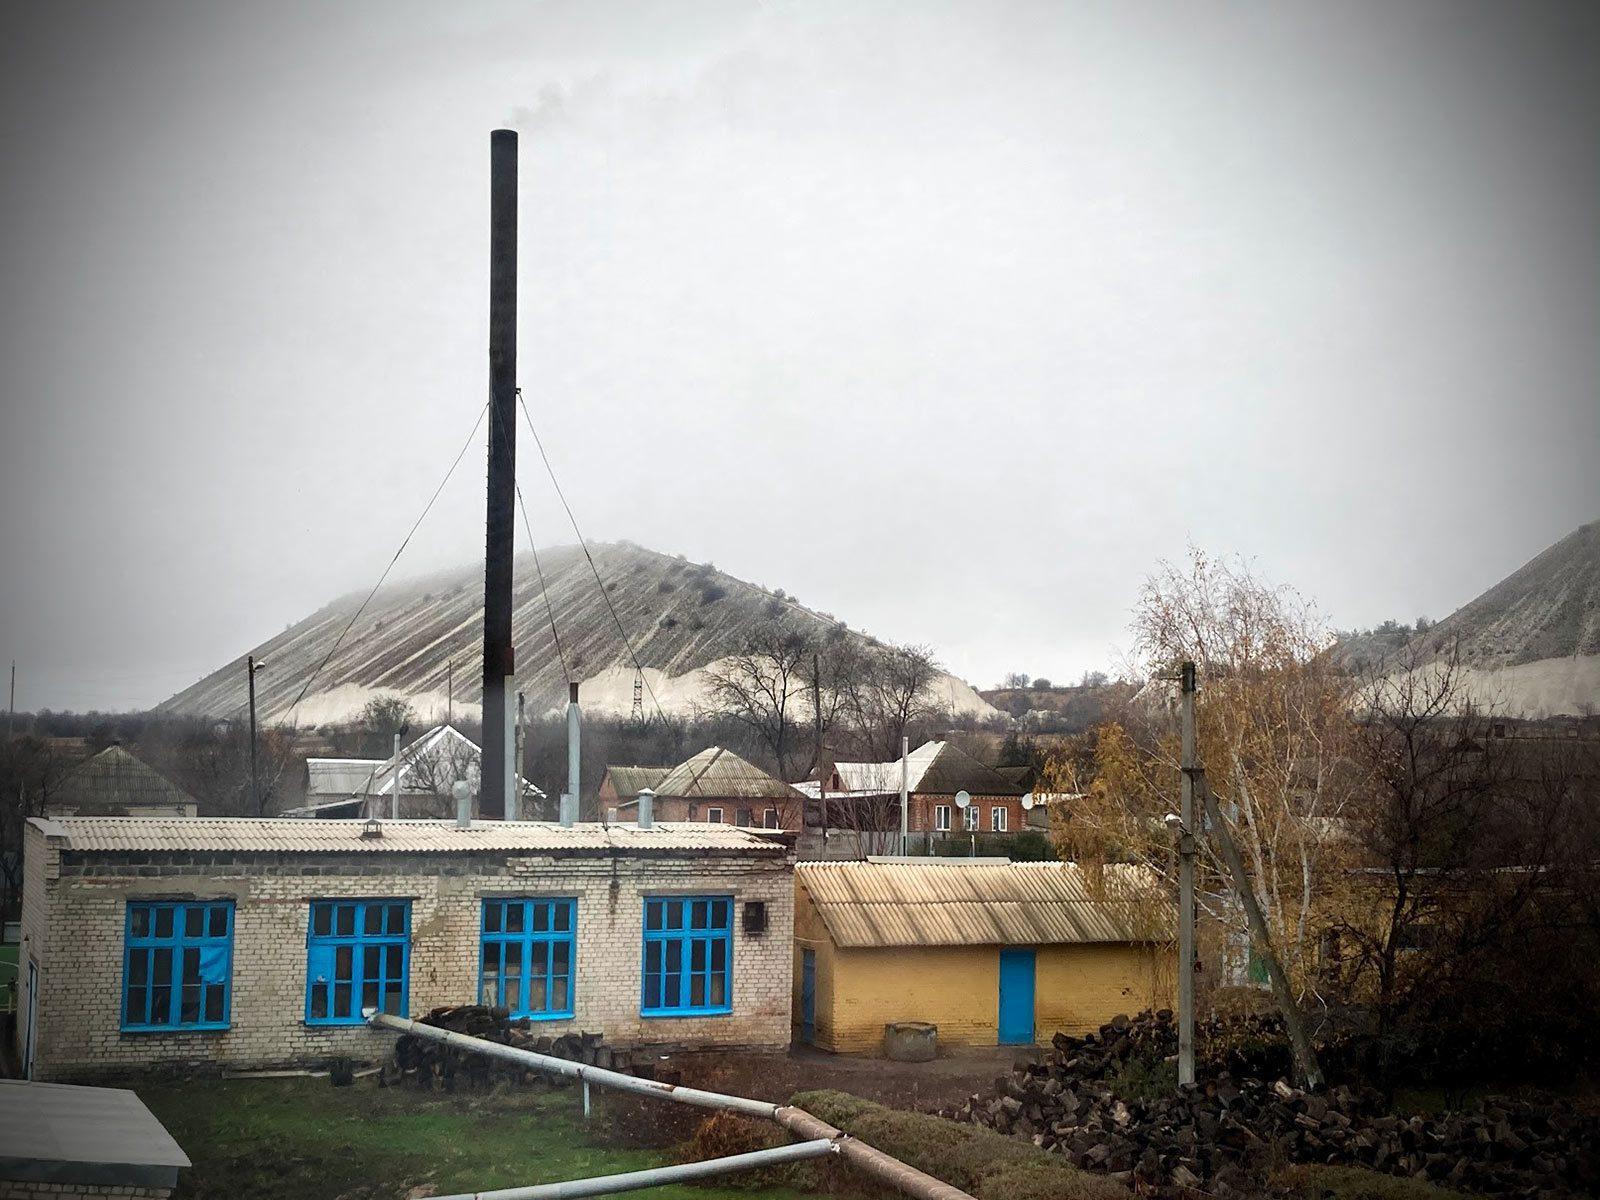 raigorodok 05 - <b>Сонце України встає на Донбасі.</b> Особистий репортаж з містечка Райгородок - Заборона